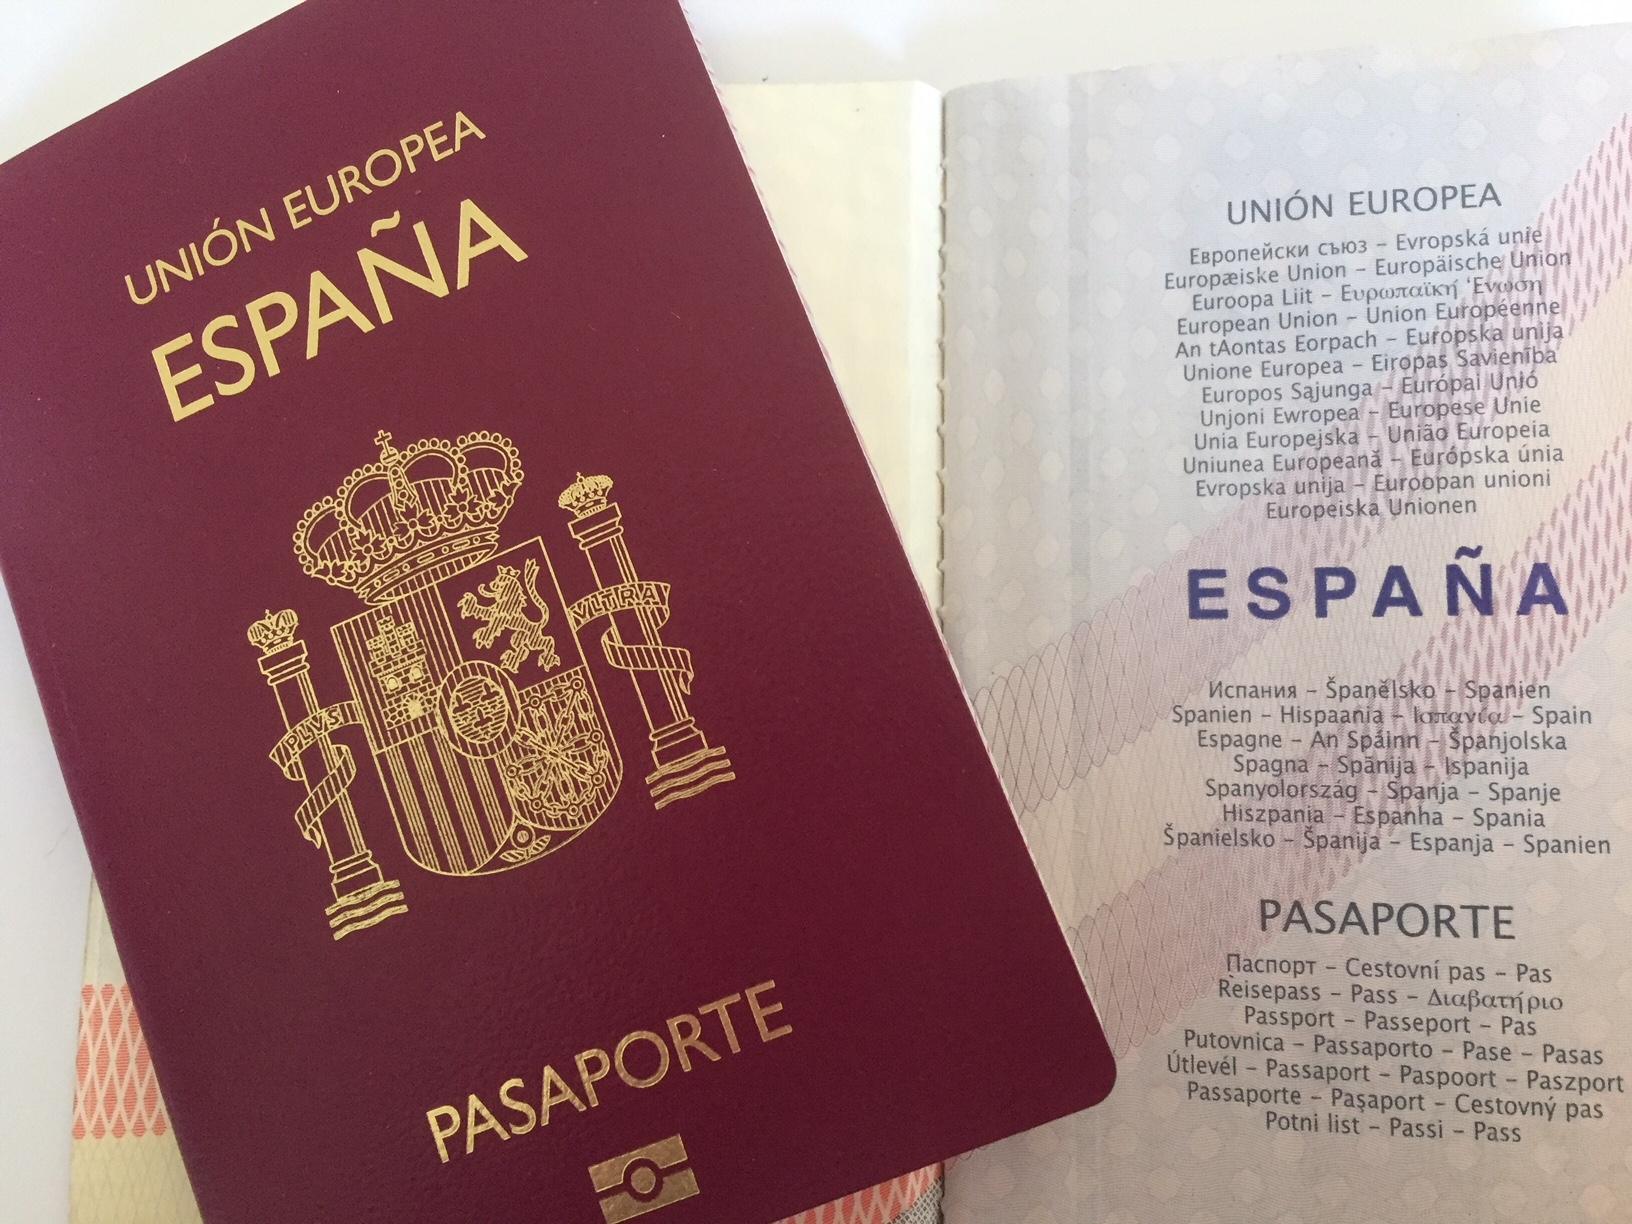 El formulario ESTA, Electronic System Travel Authorización, se conoce de forma errónea como VISADO ESTA. No se trata de un VISADO sino de una autorización de viaje concedida, en base a los datos proporcionados del pasaporte, por el gobierno de los EEUU a los ciudadanos de los países acogidos al programa del Visa Waiver Program […]